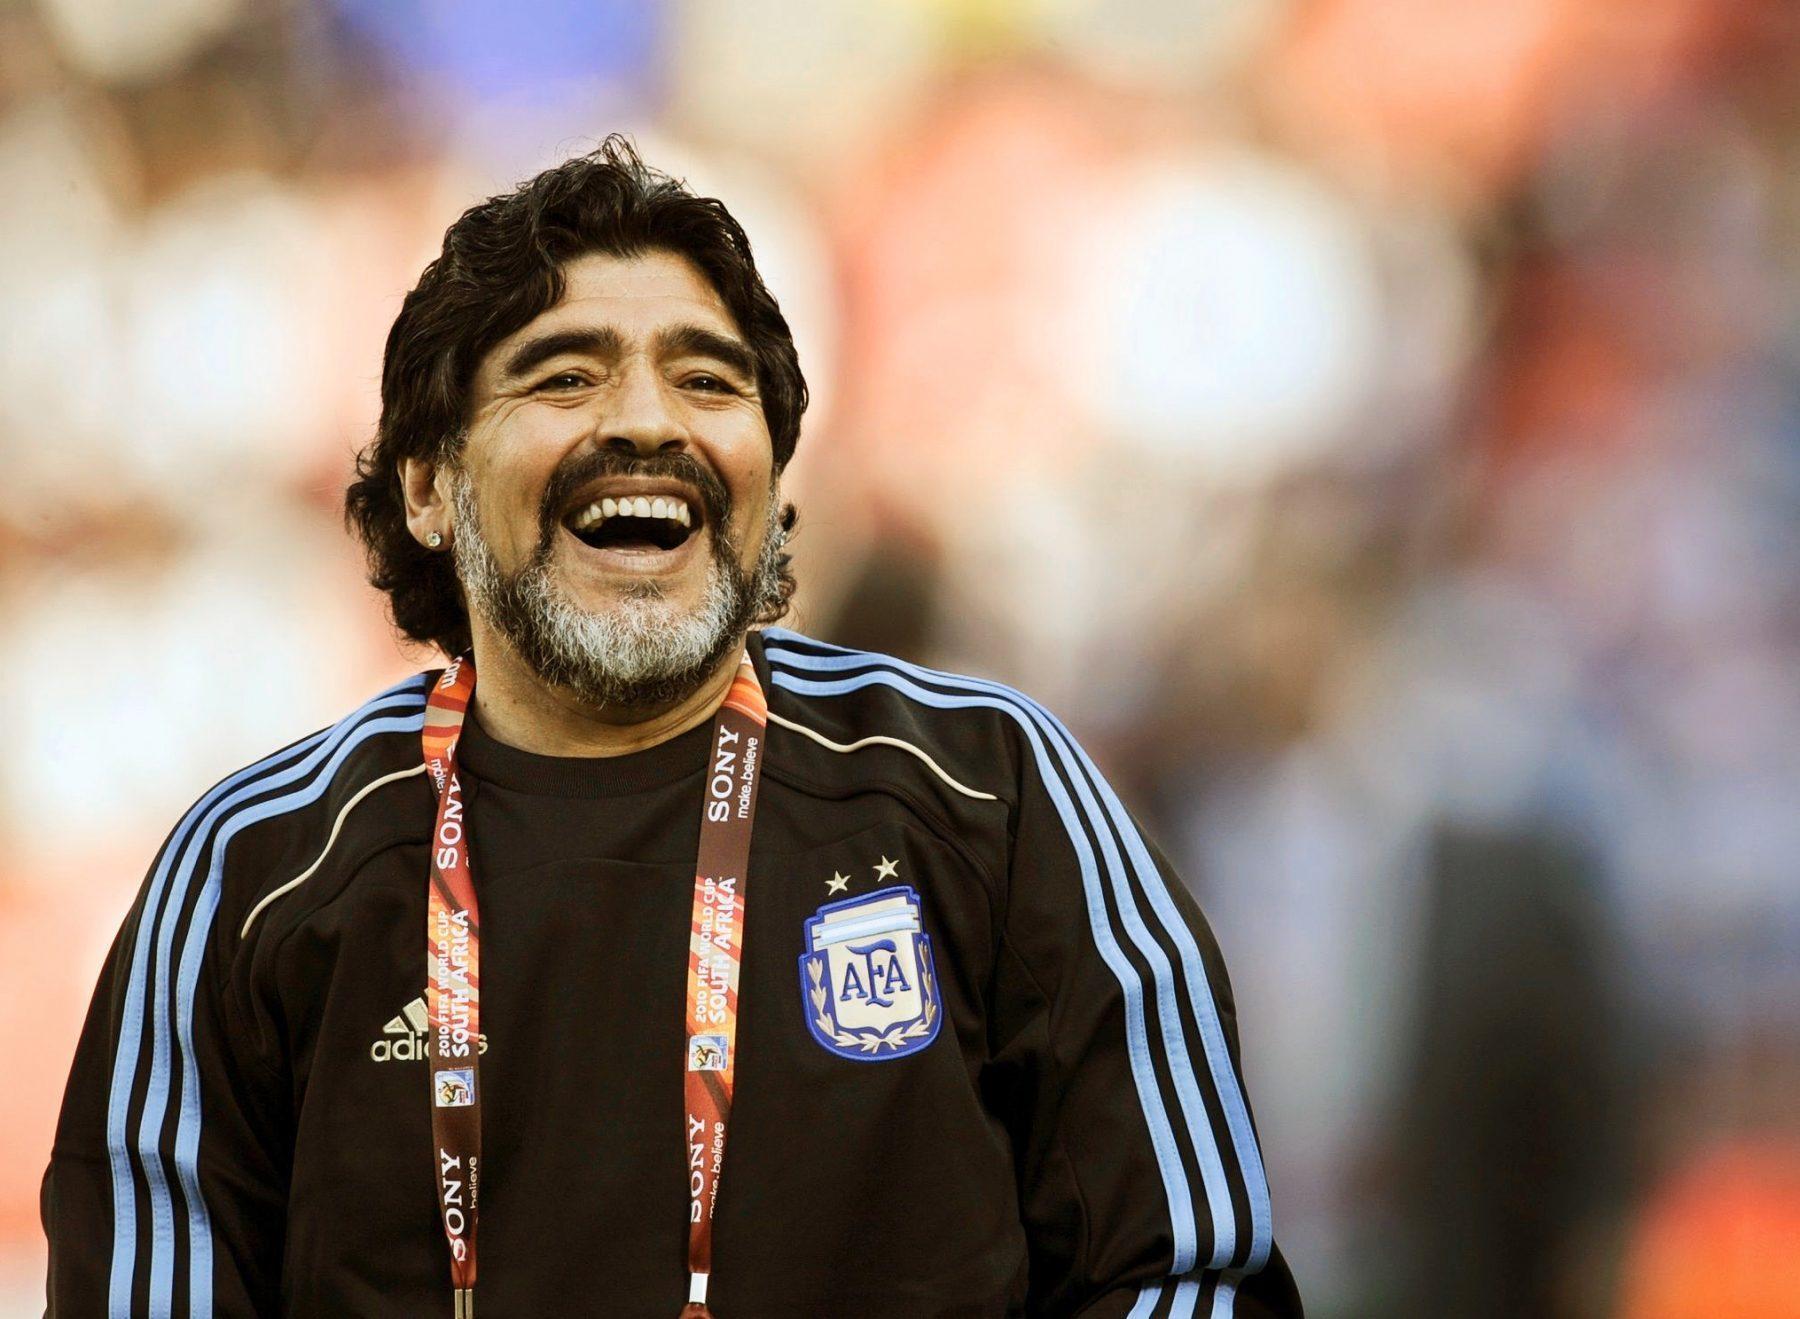 Nguyên nhân thực sự khiến 'Cậu bé vàng' Diego Maradona qua đời 5